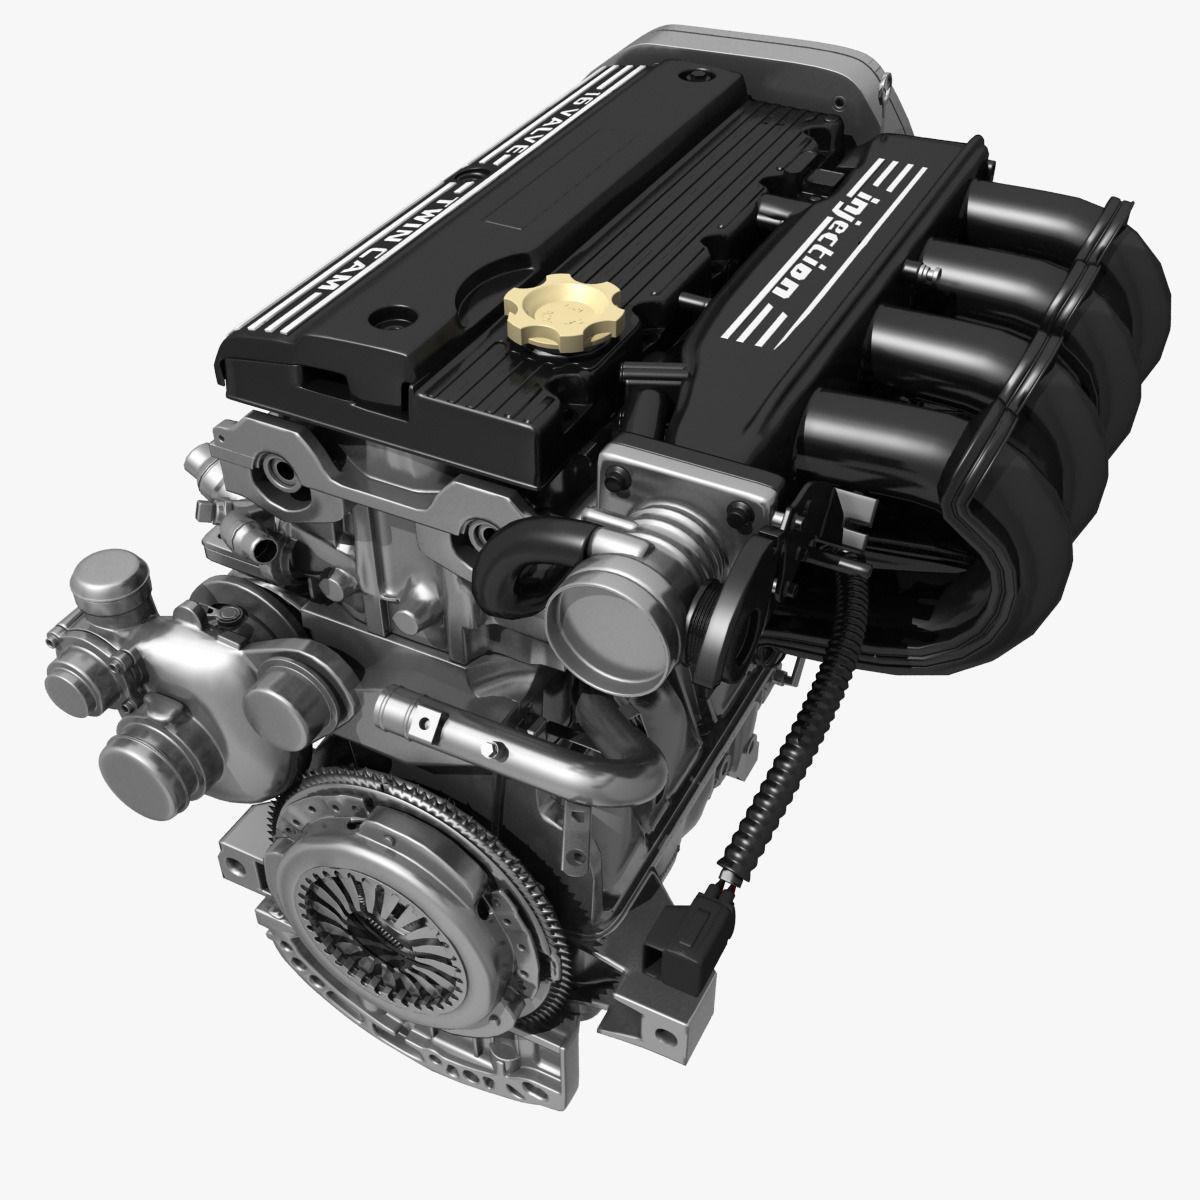 Car 4 Cylinder Engine 02 3d Model Cgtrader Jeep Diagram Max Fbx 1